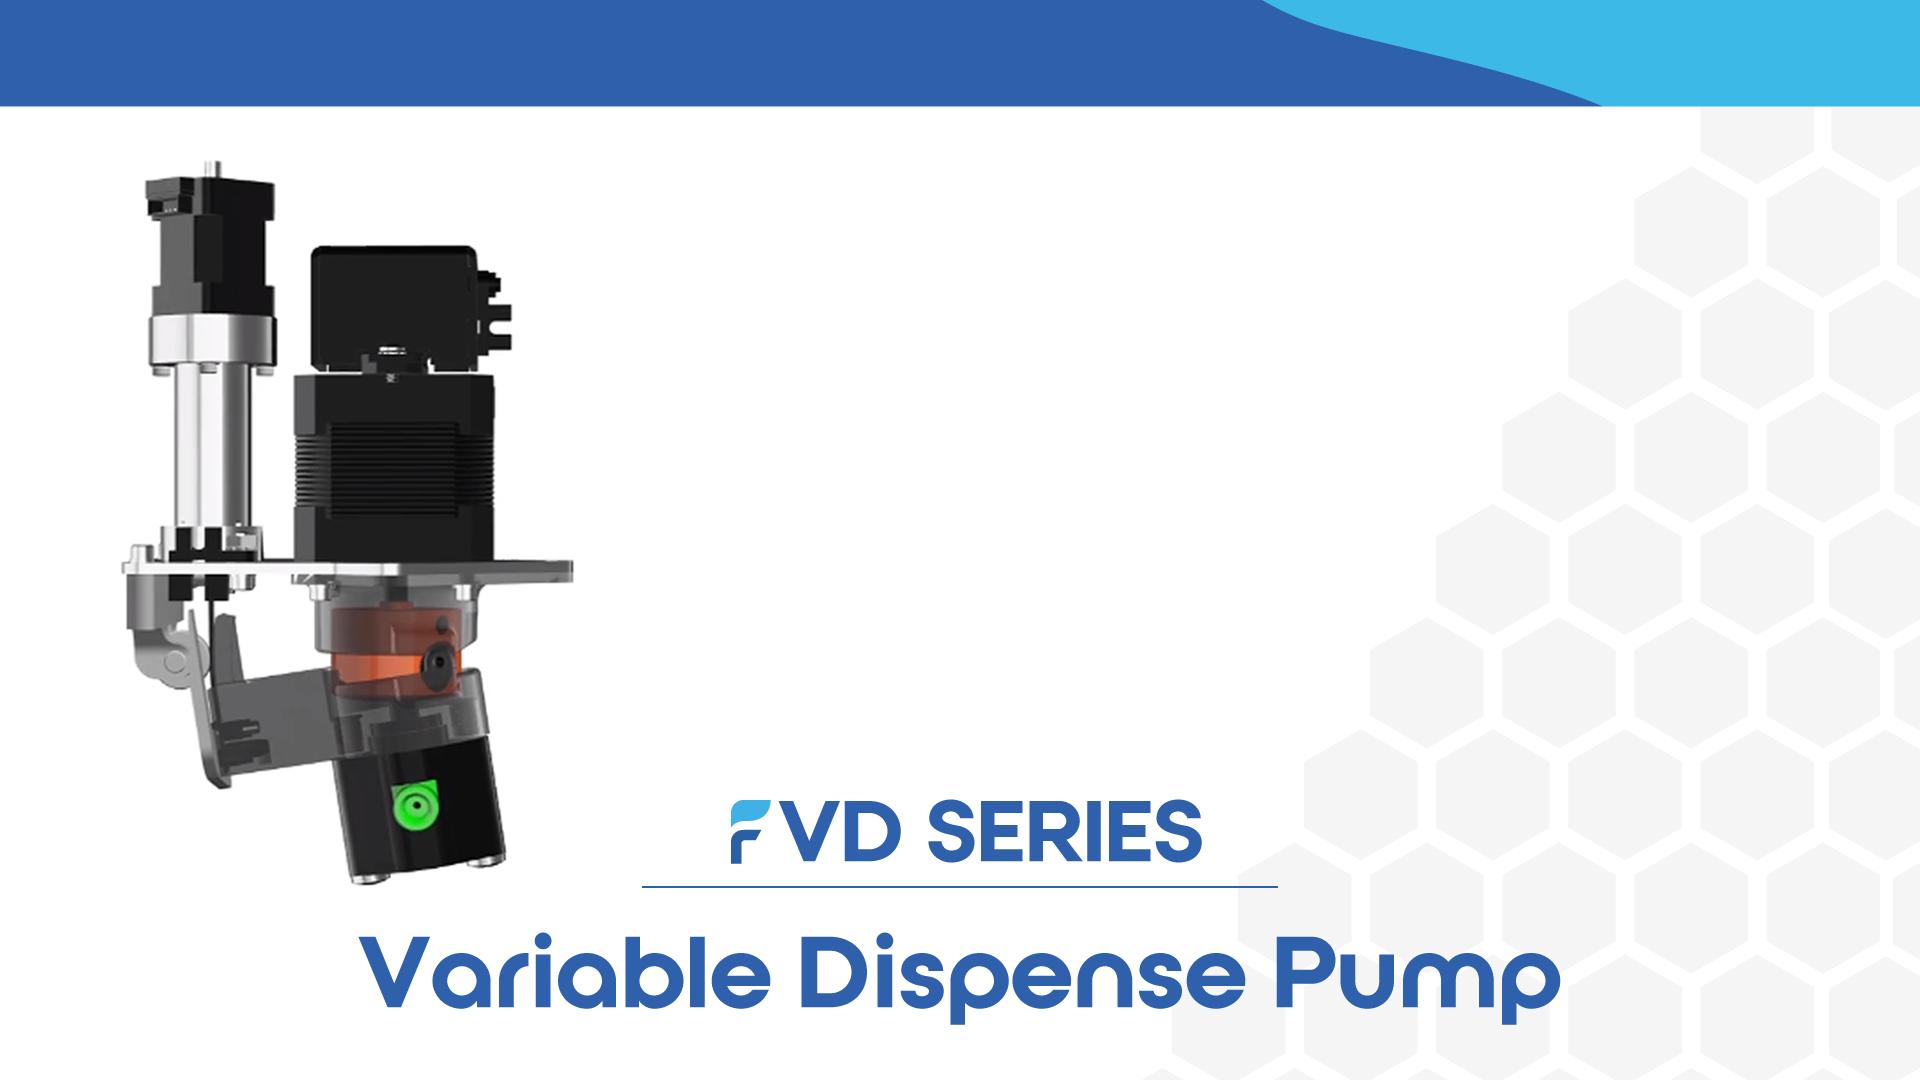 Fluid Metering Variable Dispense Pump